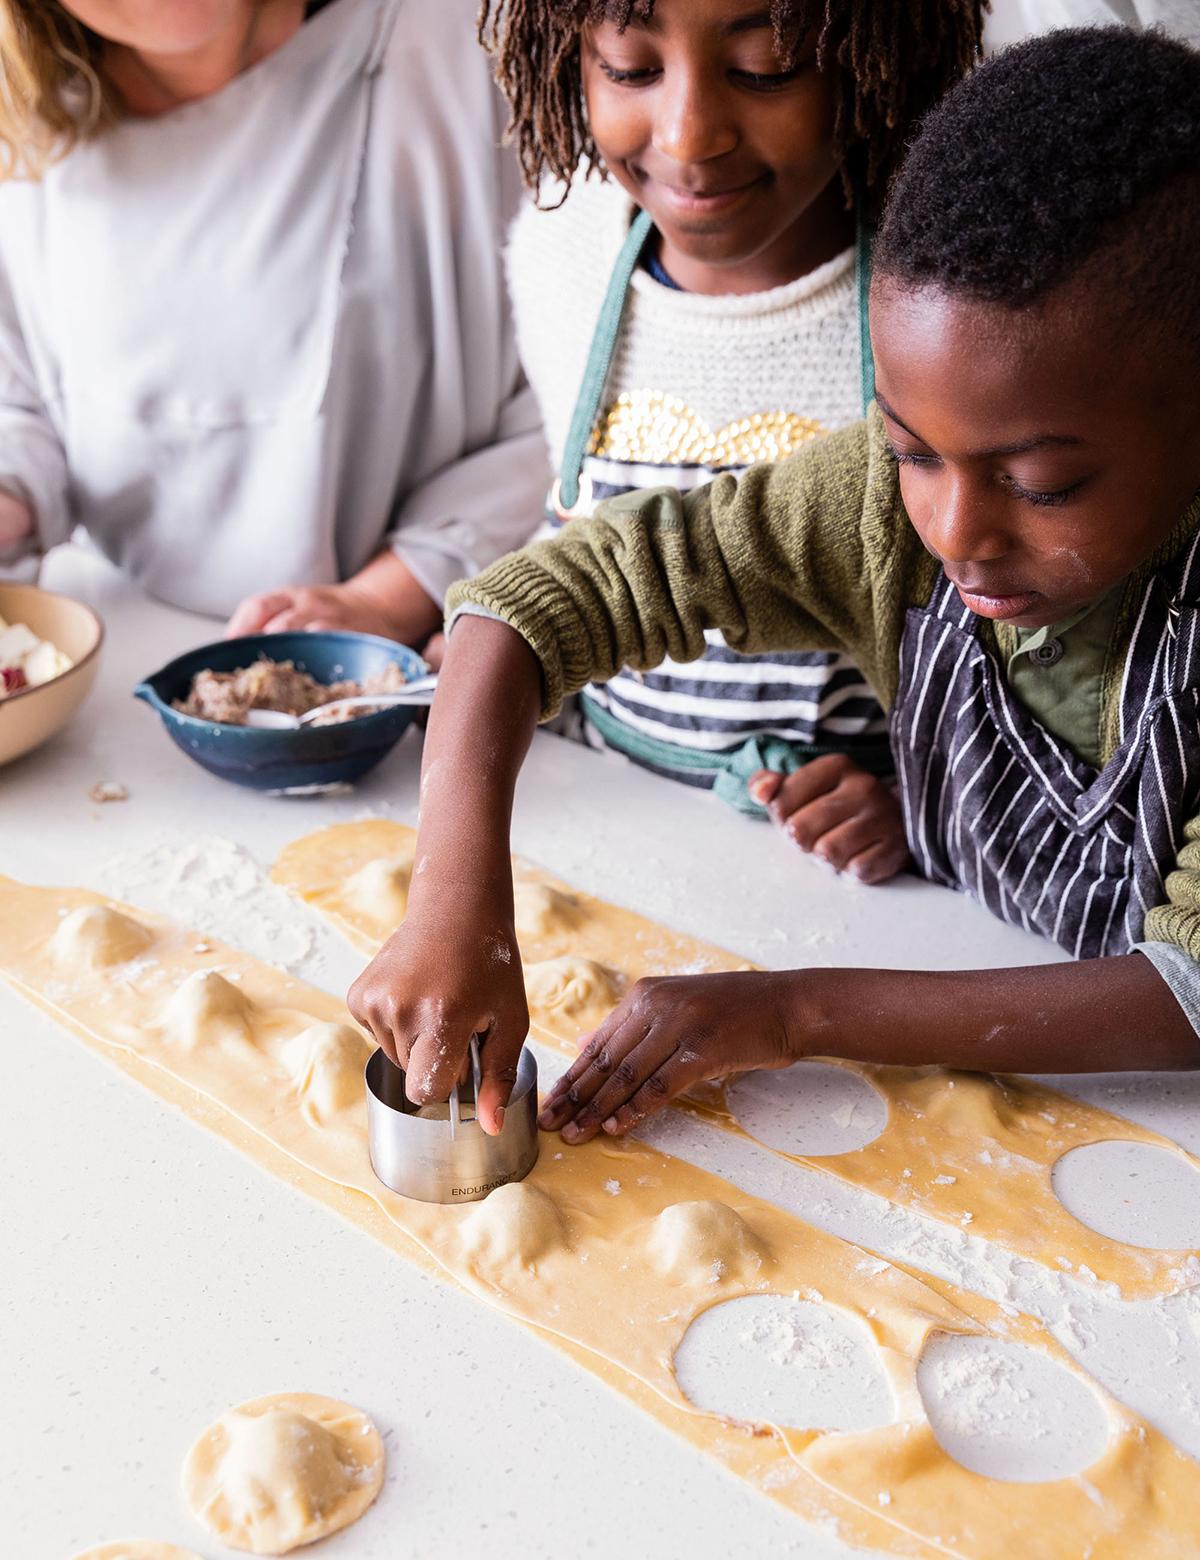 kids making ravioli